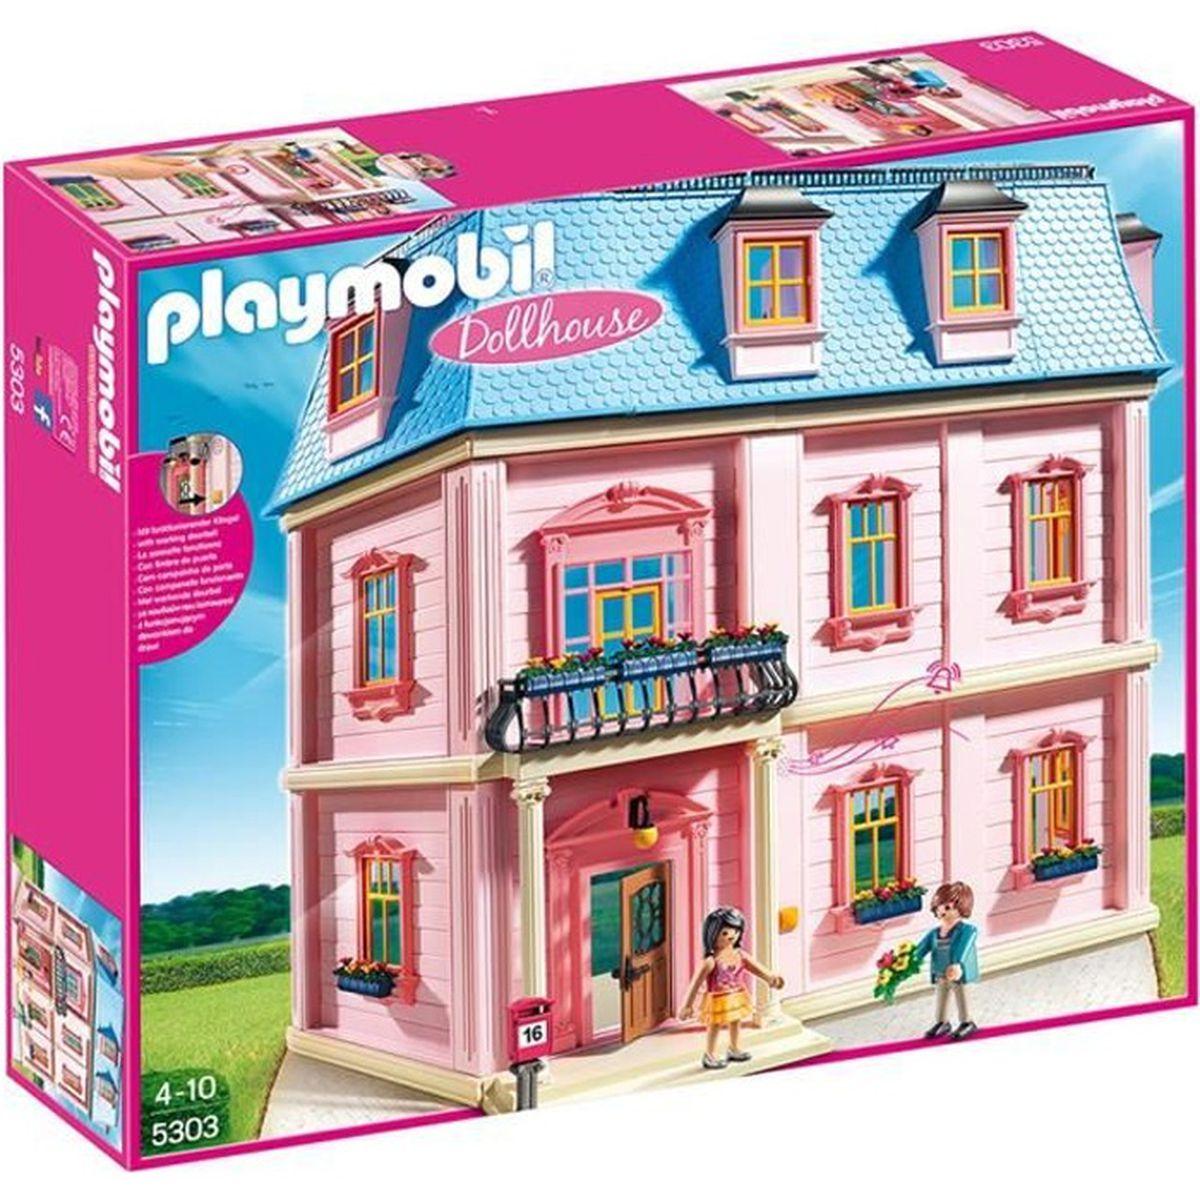 playmobil la grande maison achat vente jeux et jouets. Black Bedroom Furniture Sets. Home Design Ideas